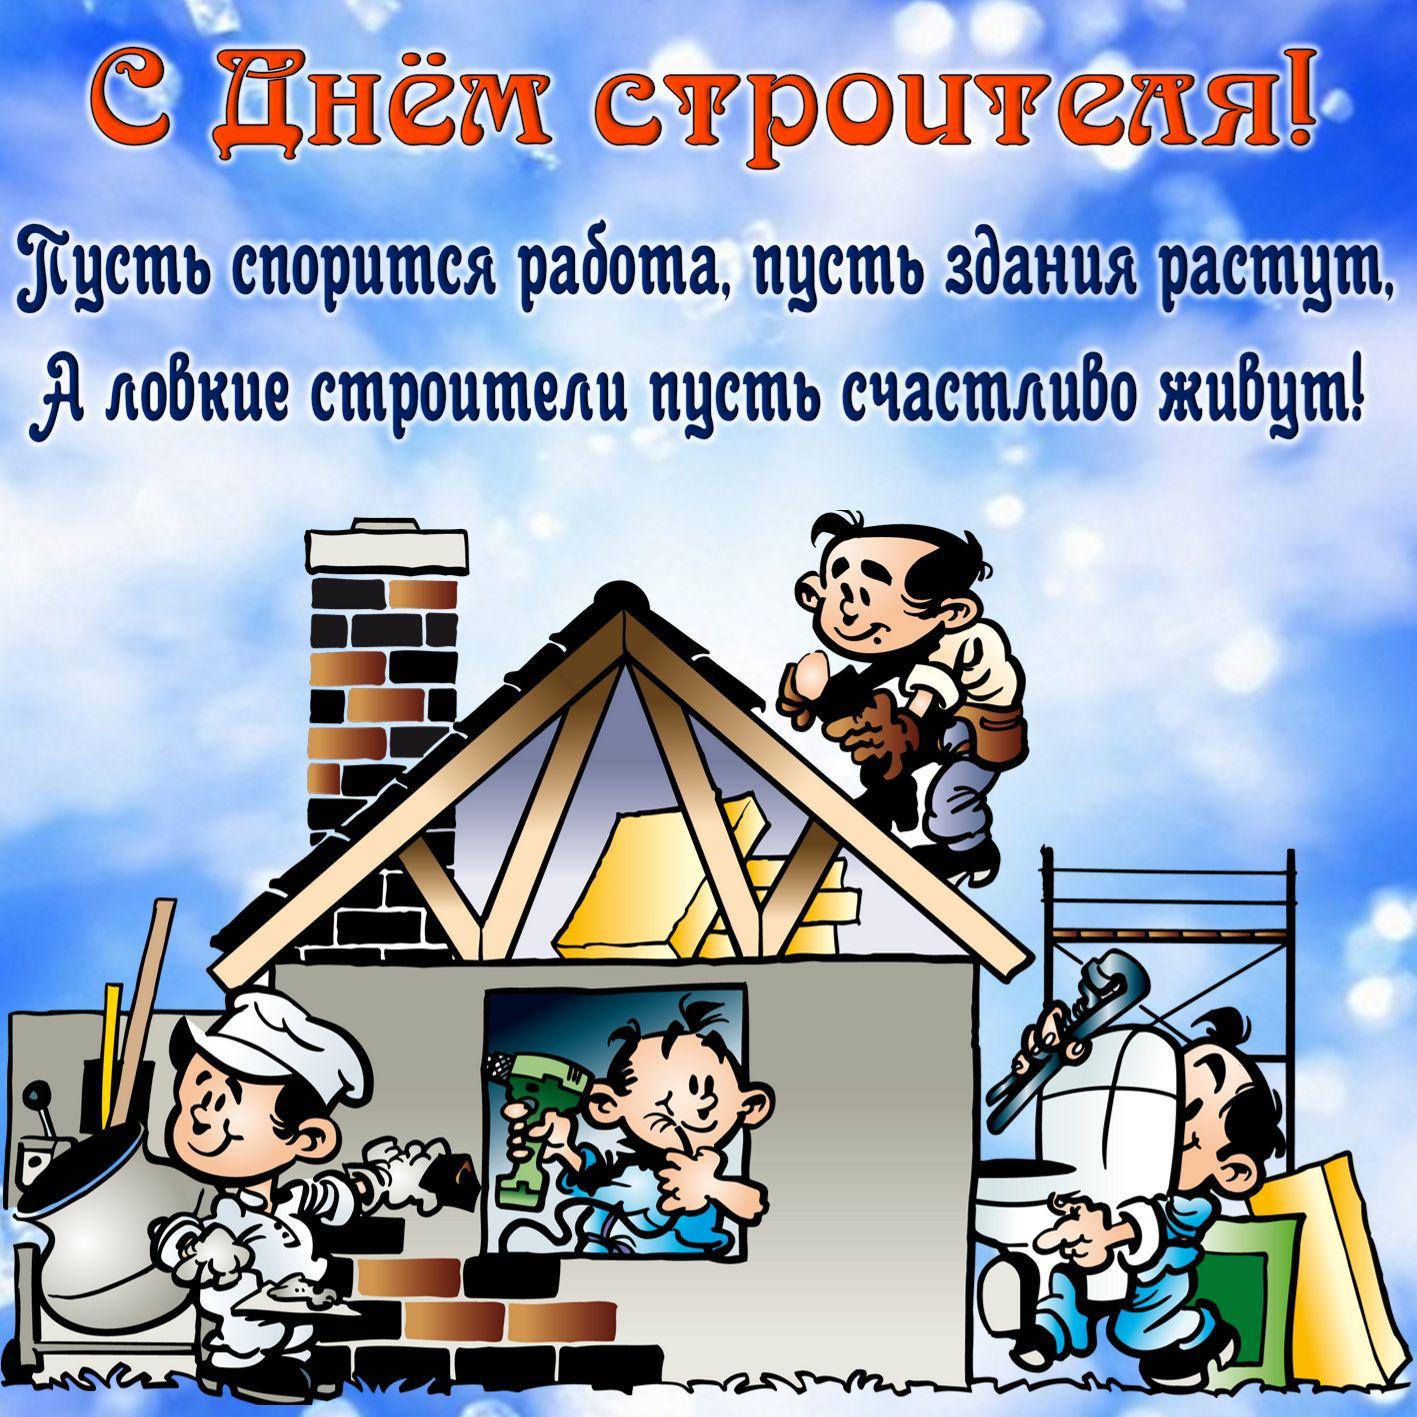 Открытка на День строителя - строители за работой с пожеланием